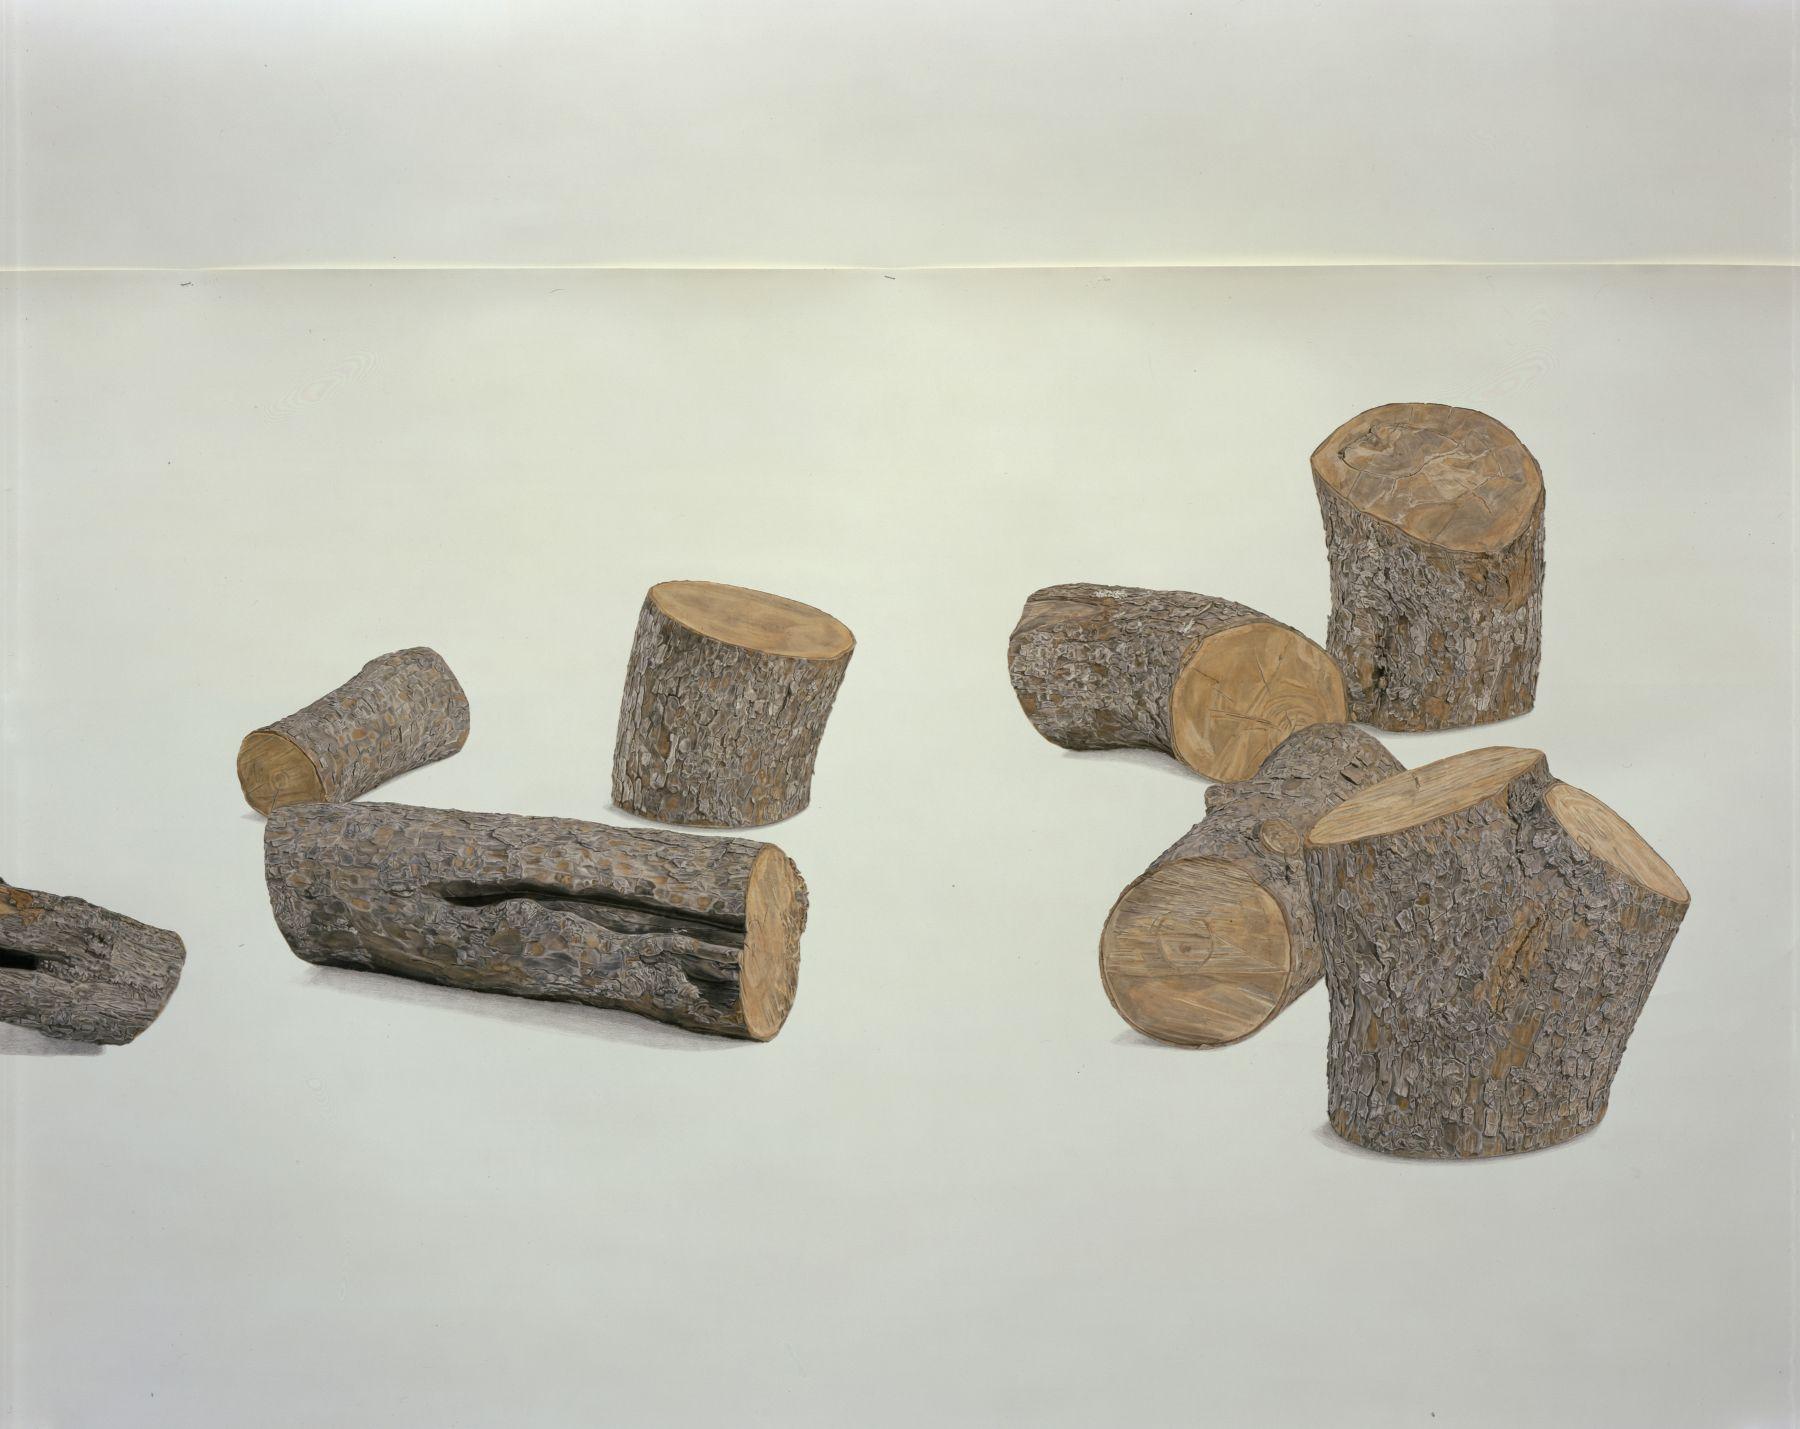 Toba Khedoori, Untitled (Logs) detail